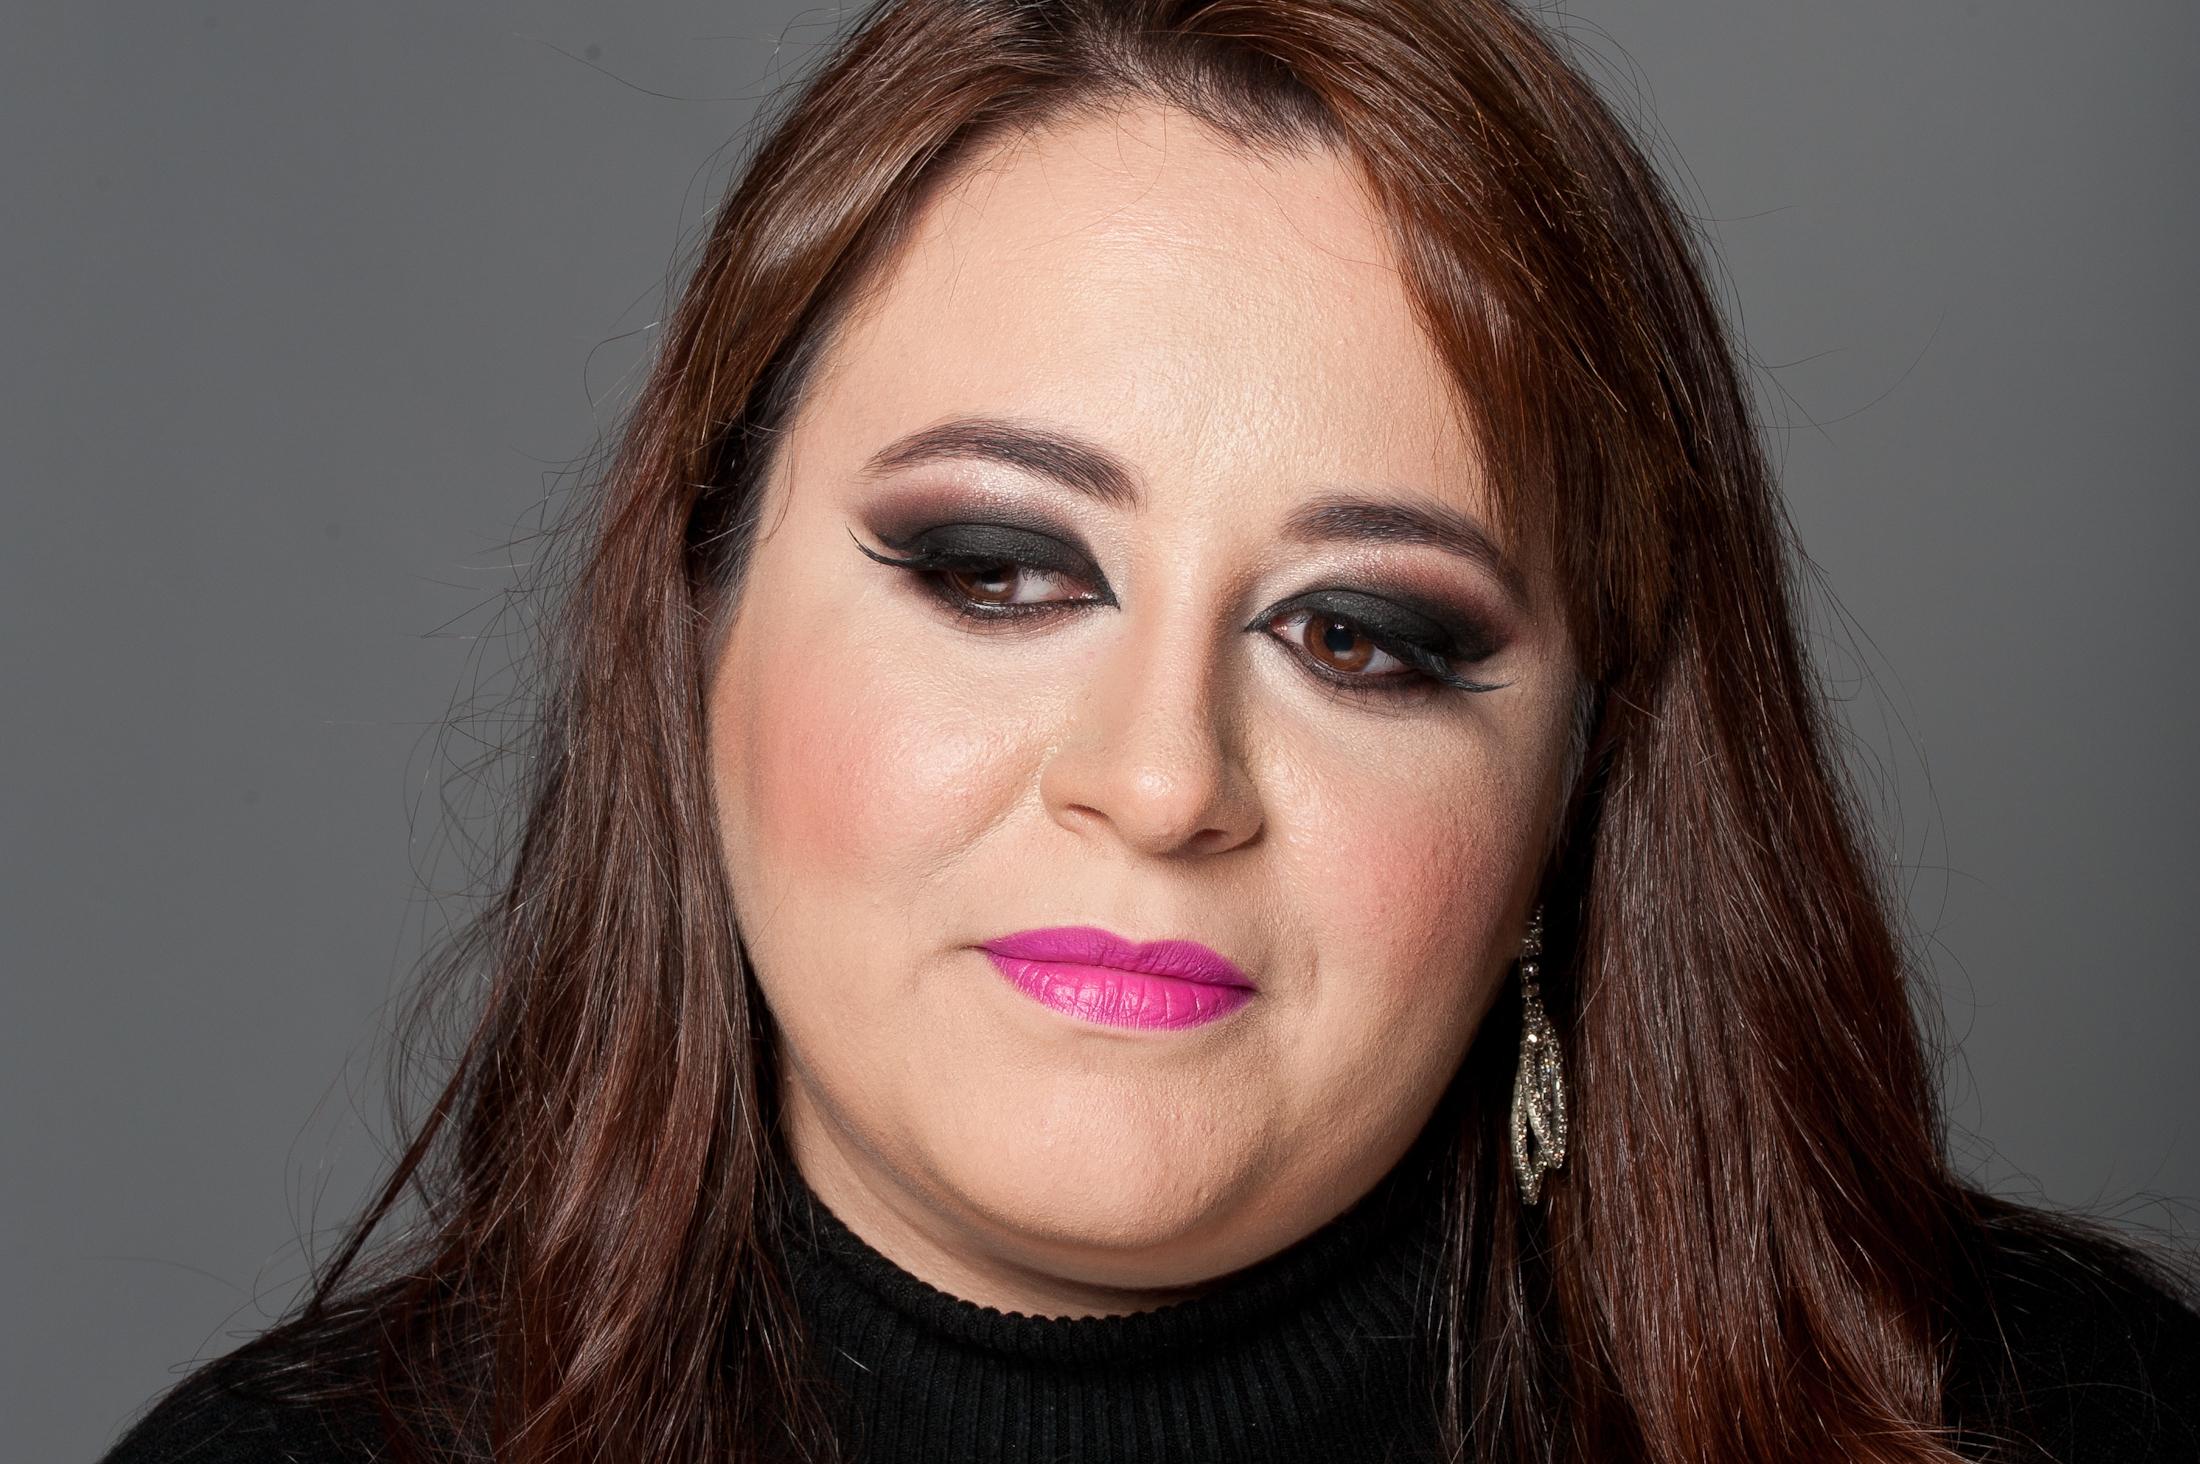 Black Eyes Trabalho realizado com a proposta de Editorial de Beleza, em estúdio fotográfico.Realizado penteado e maquiagem nas modelos.  maquiagem  maquiador(a)